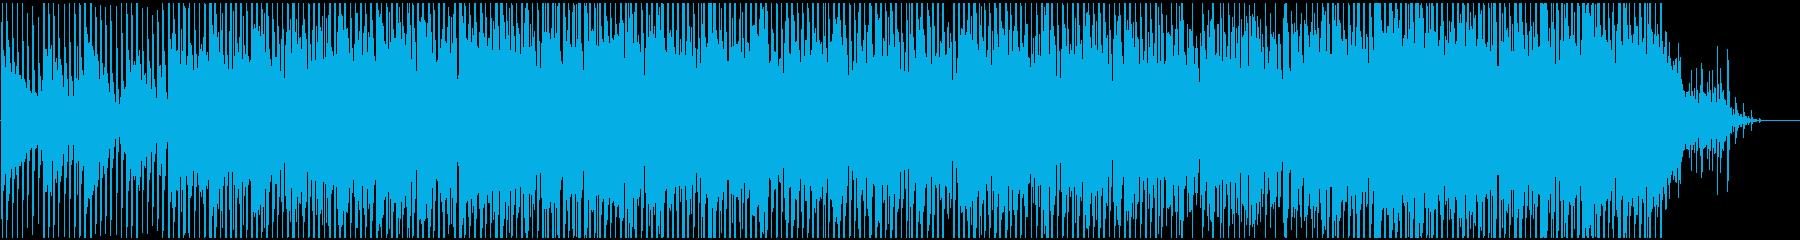 テクノロジー系に合うの再生済みの波形